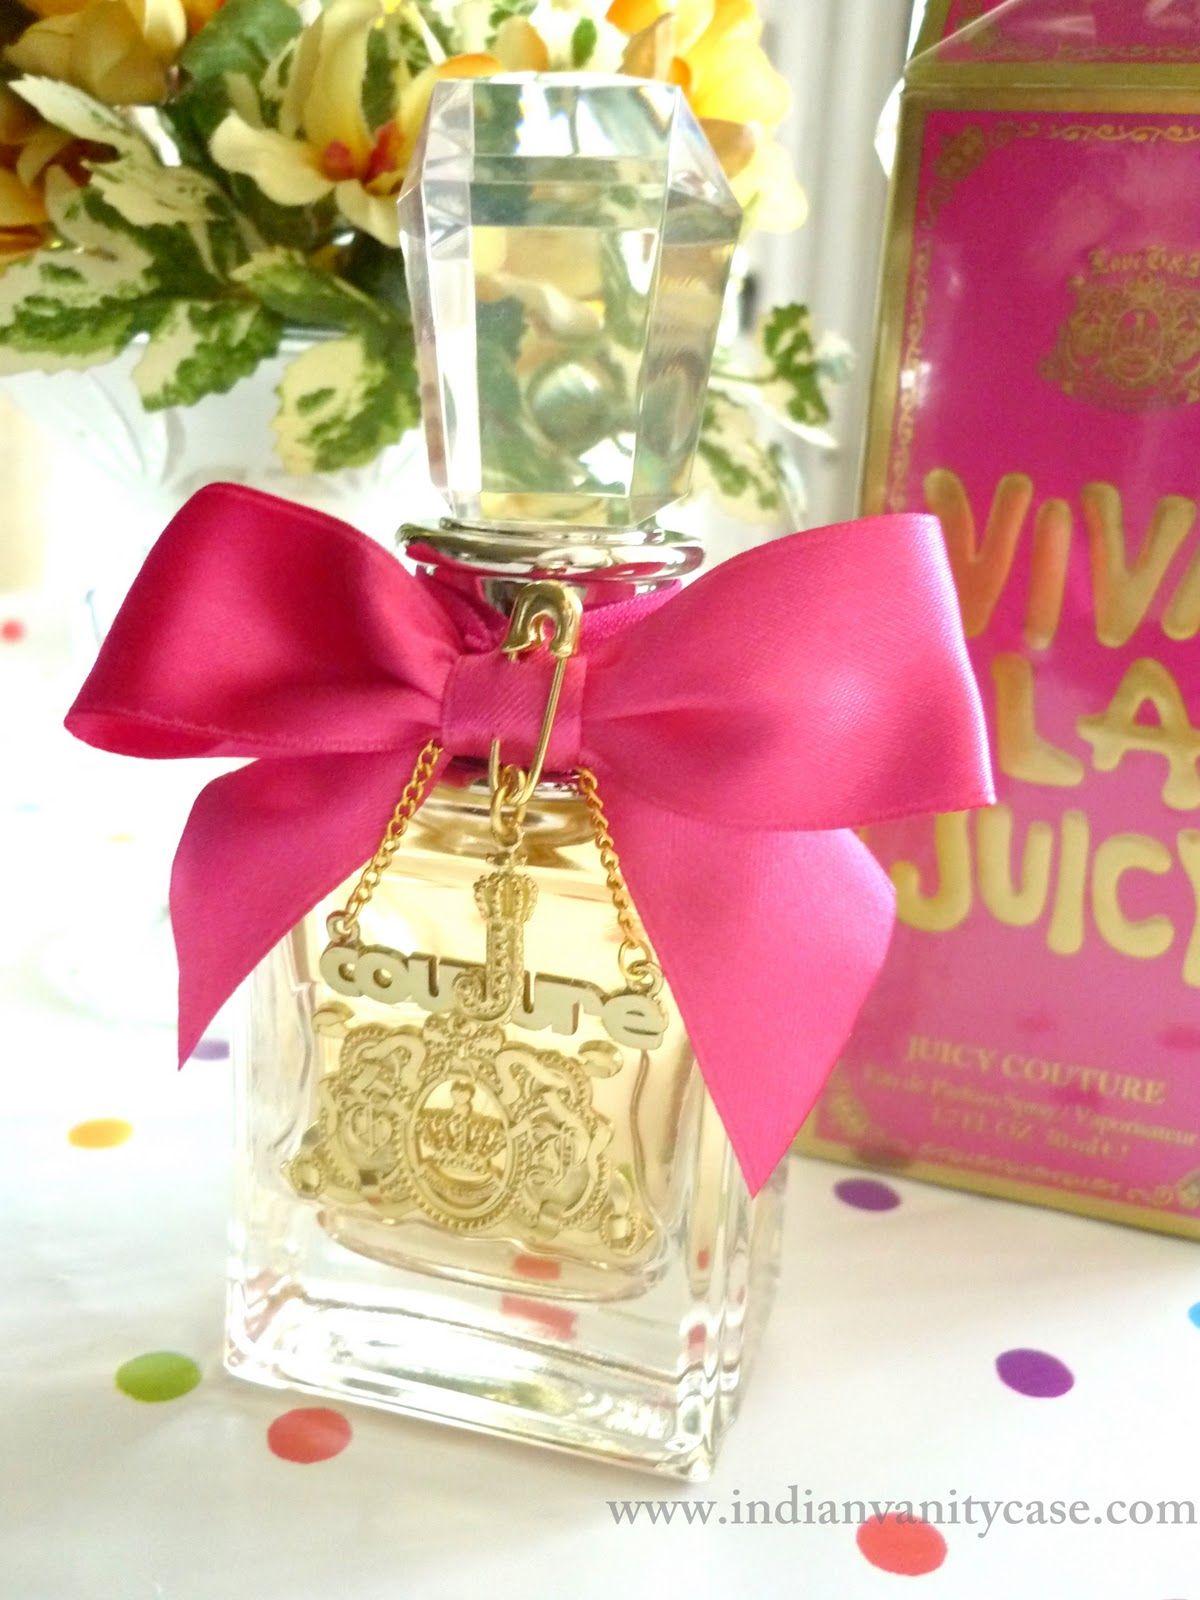 Viva la Juicy by Juicy Couture